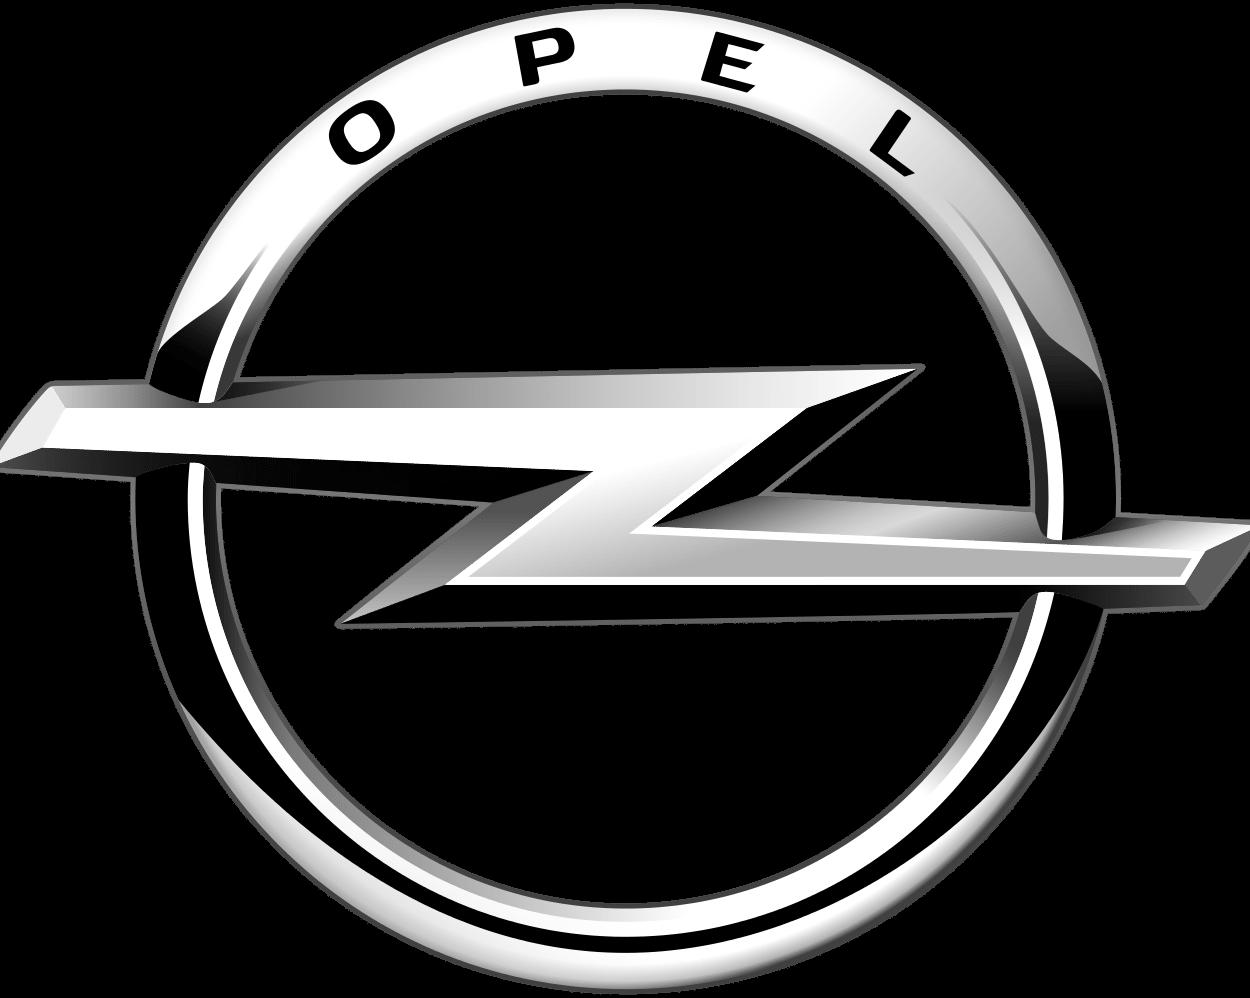 logo opel bw